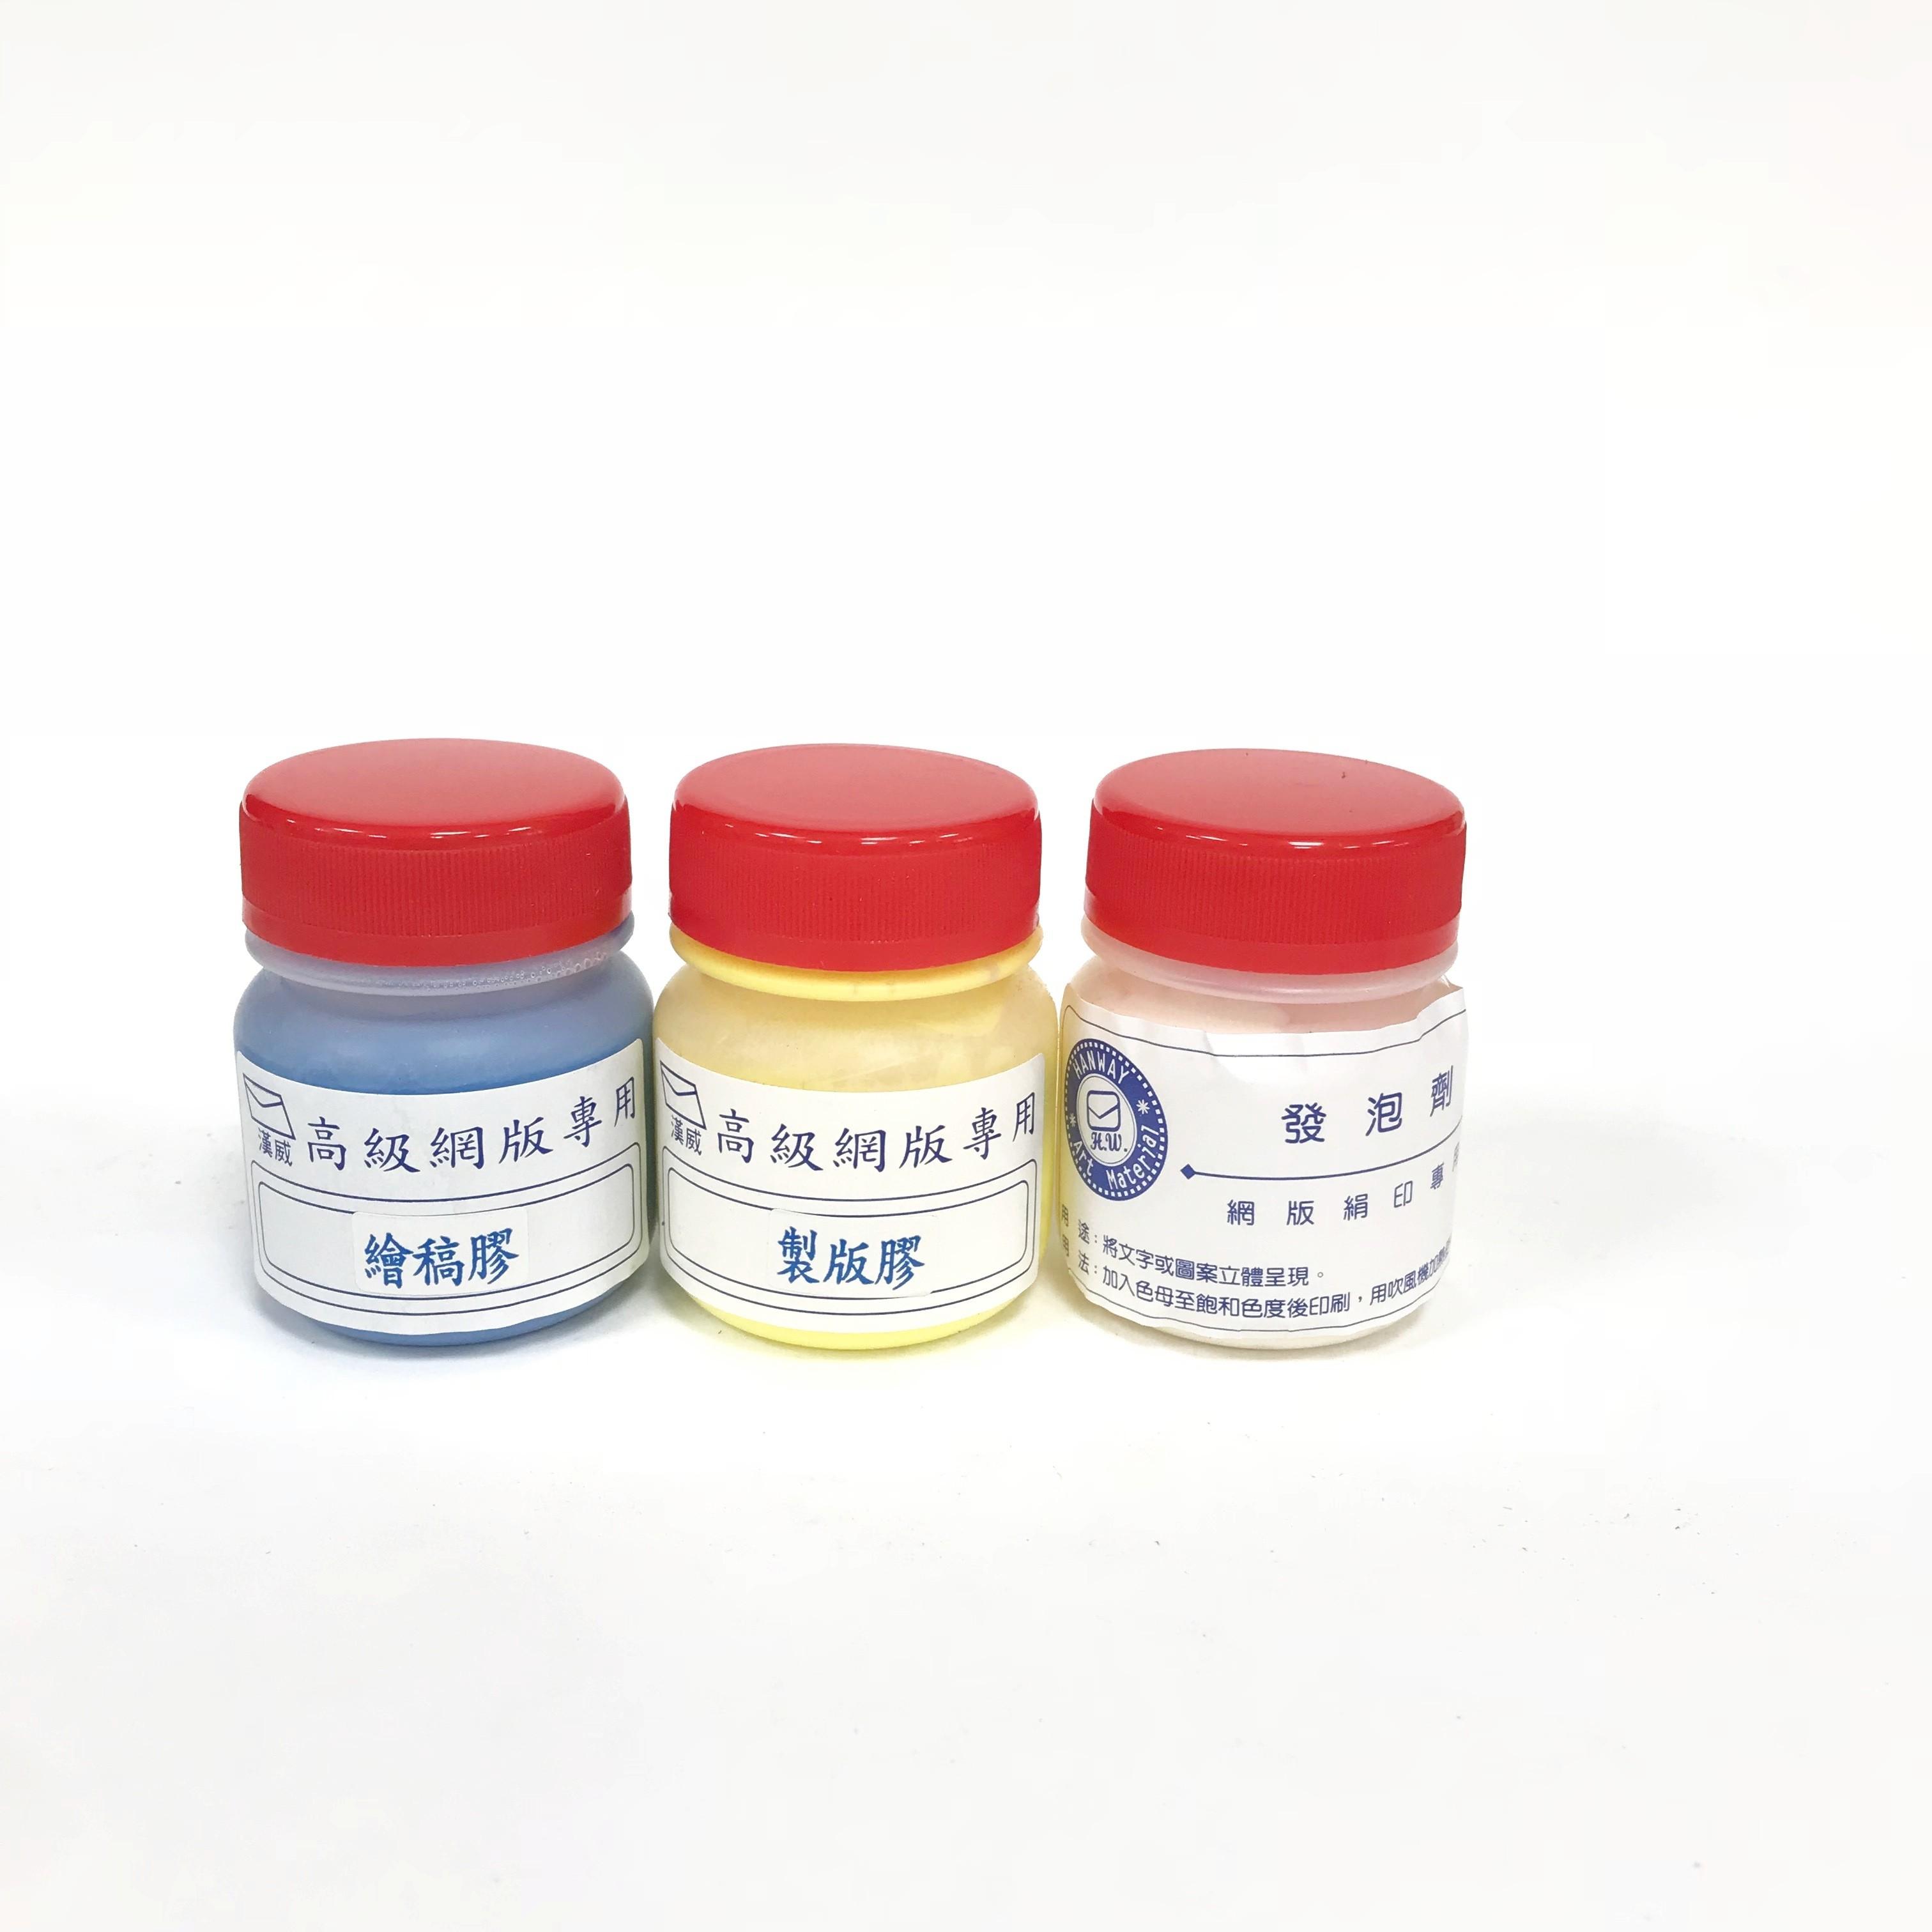 絹印用品(發泡劑/製版膠/繪稿膠)